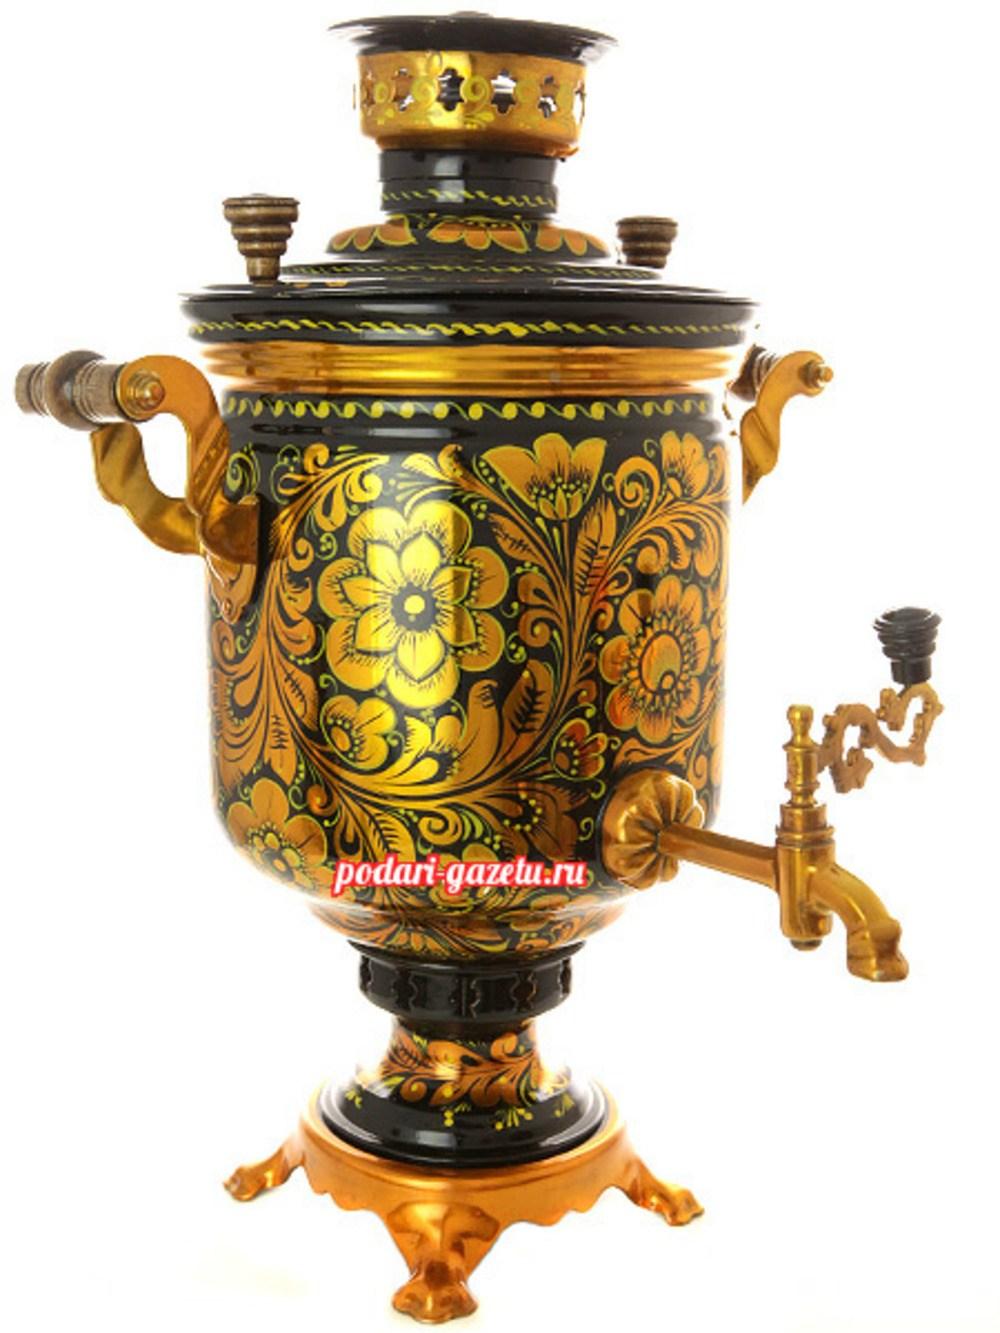 Угольный самовар (жаровый, дровяной) на 5 литров, цилиндр с художественной росписью Золотая хохлома